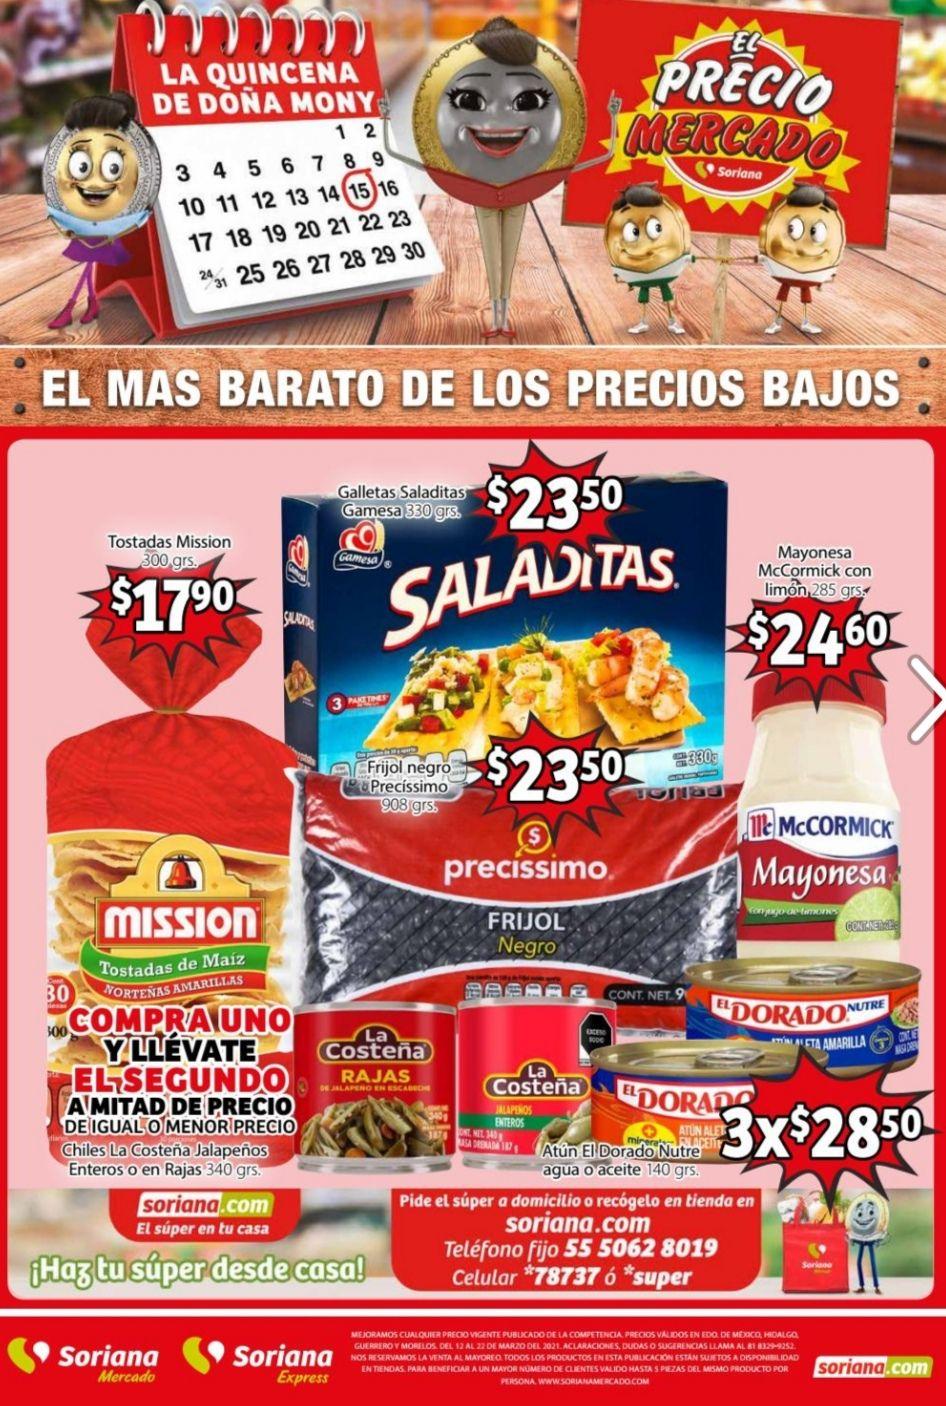 Soriana Mercado y Express: Folleto de Ofertas del Viernes 12 al Lunes 22 de Marzo